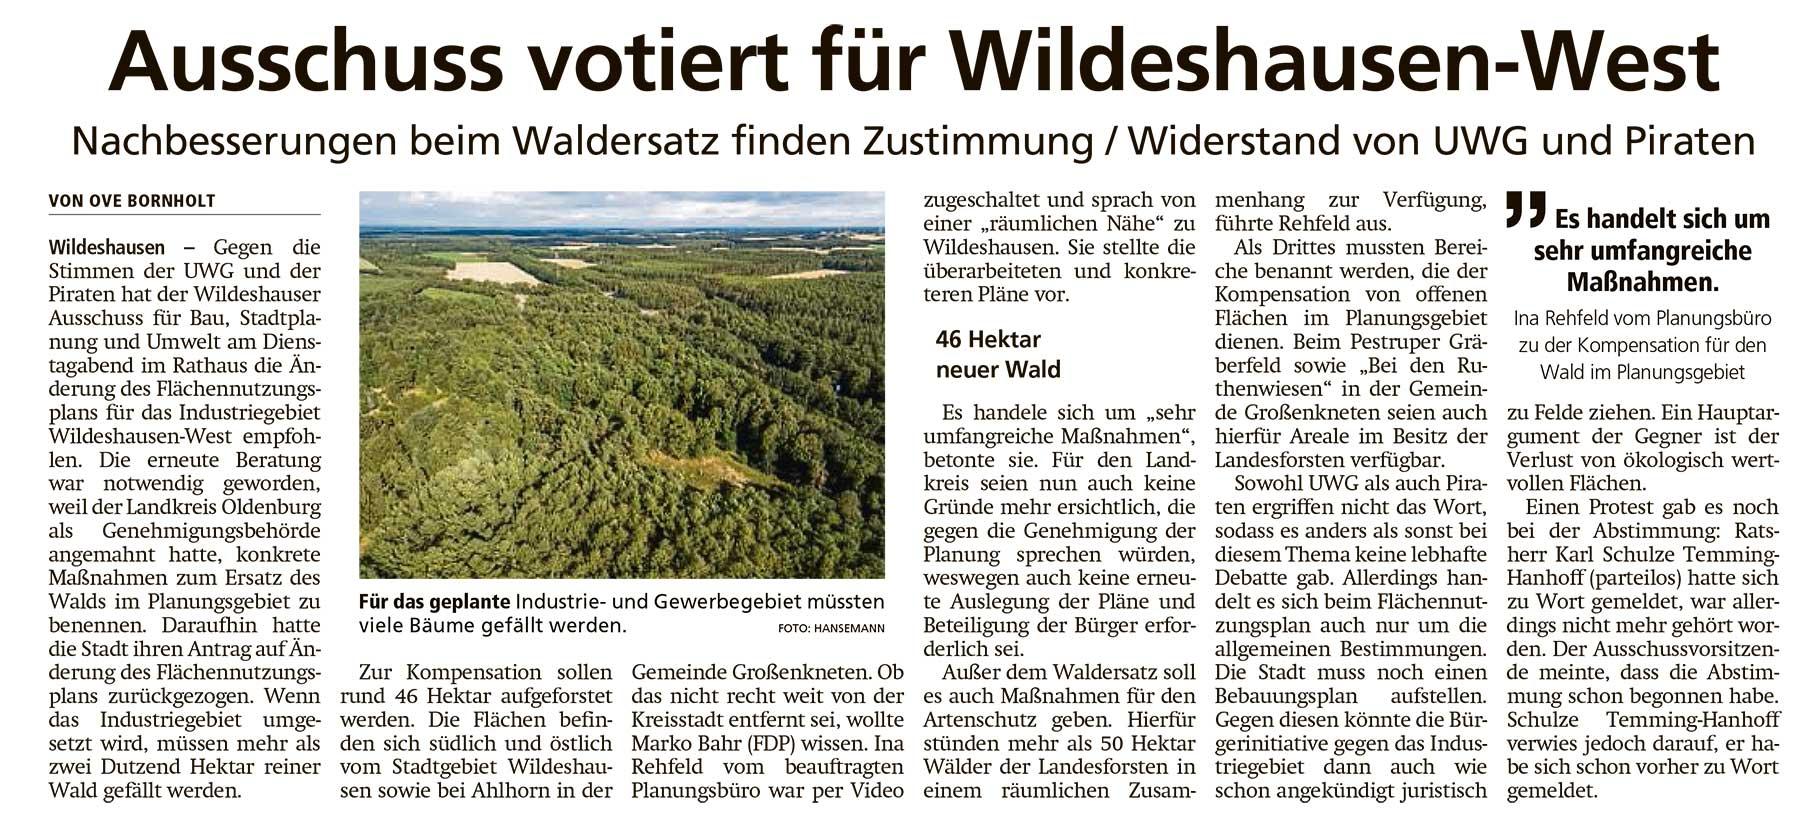 Ausschuss votiert für Wildeshausen-WestNachbesserungen beim Waldersatz finden Zustimmung / Widerstand von UWG und PiratenArtikel vom 07.07.2021 (WZ)